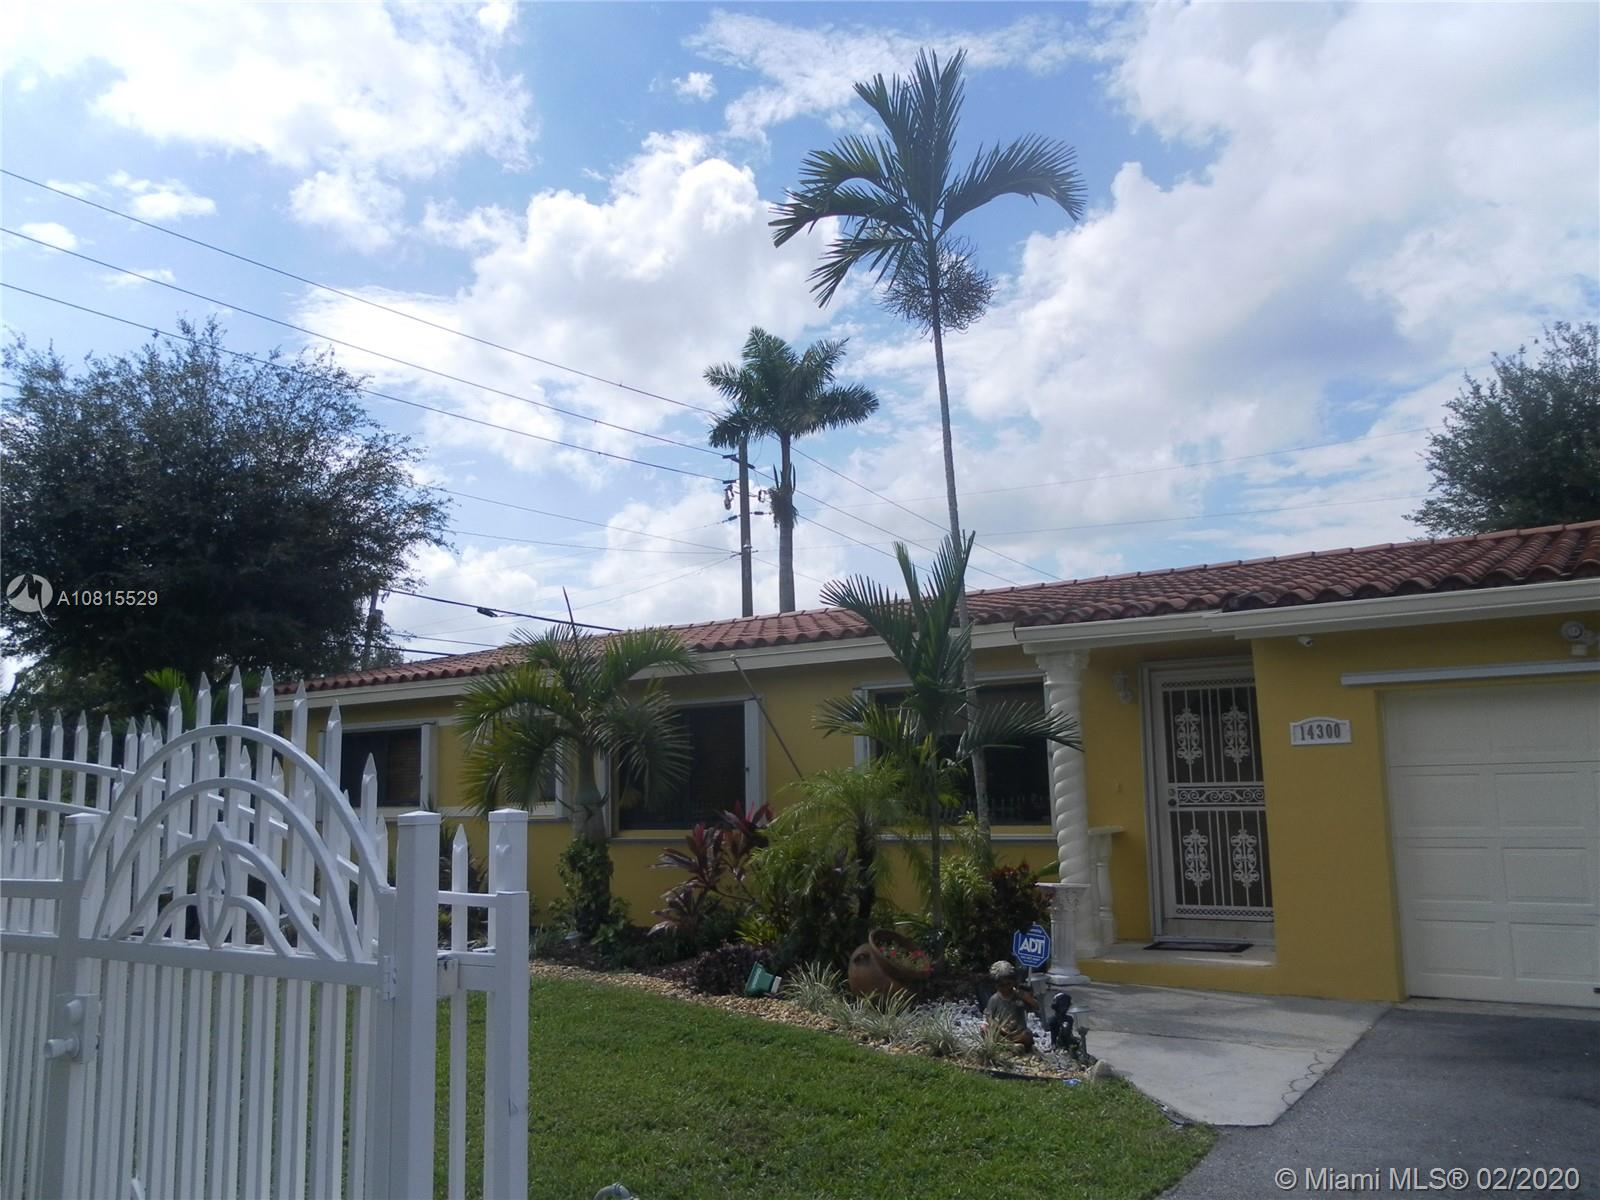 14300 NW 16th Ave, Miami, FL 33167